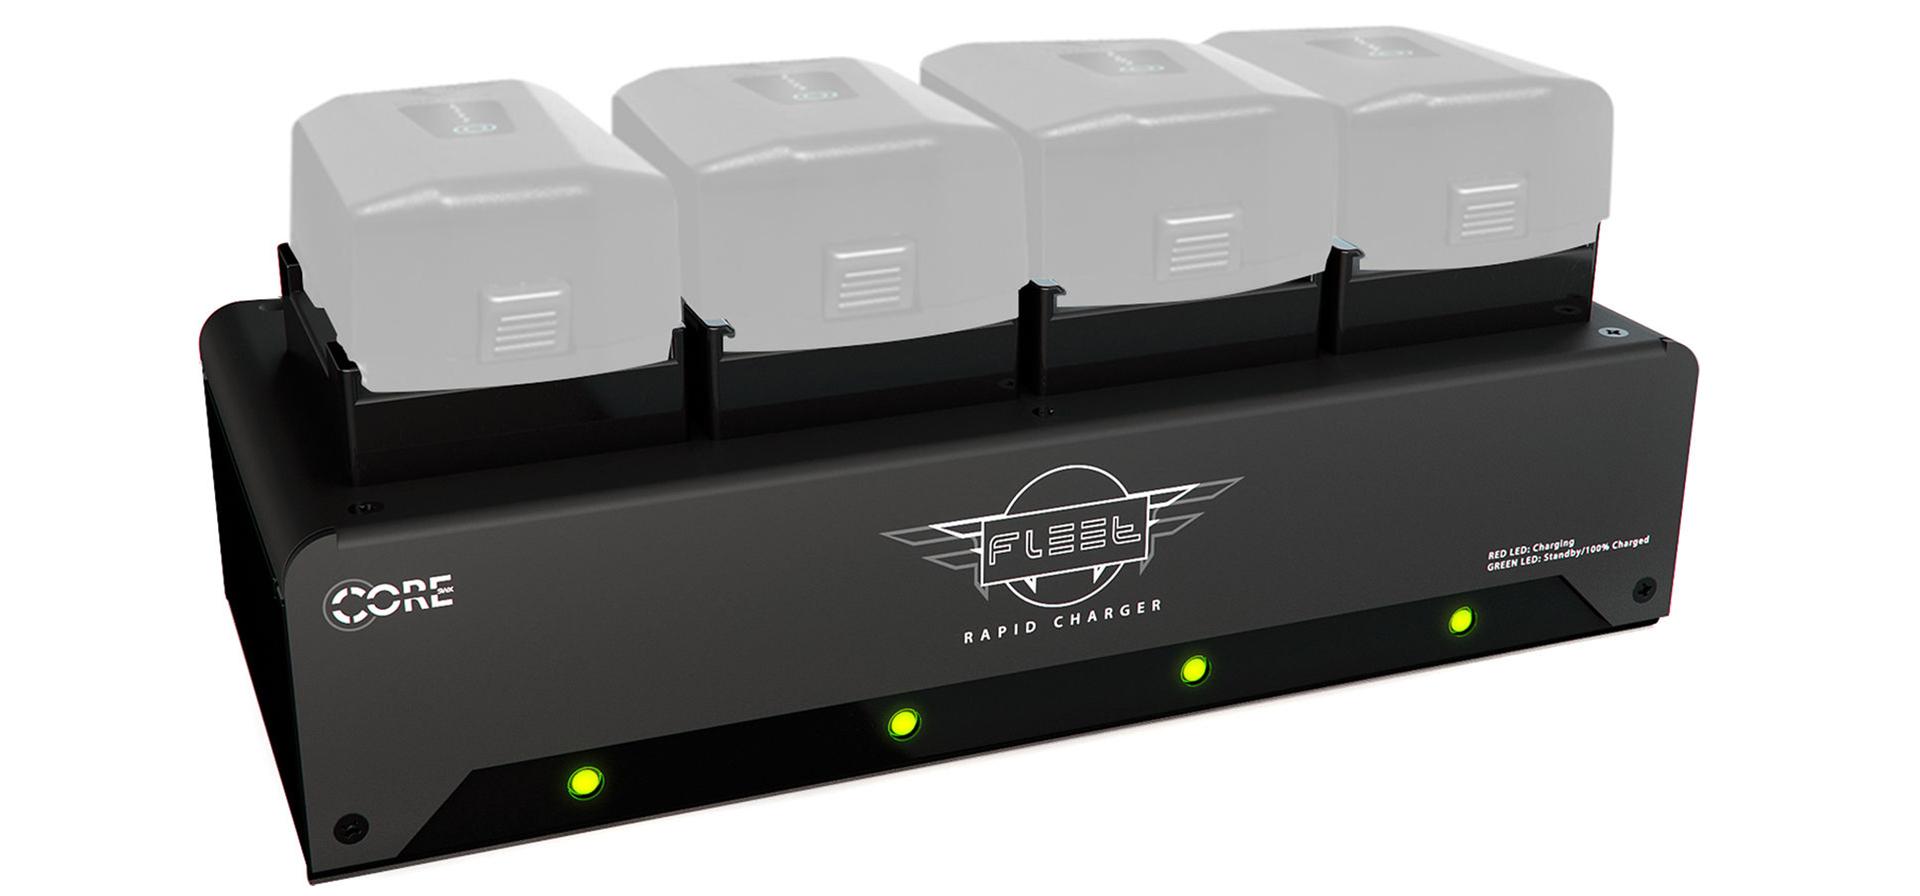 Cargador Fleet FF de Core SWX - Carga 4 packs de baterías MōVI Pro en 45 minutos